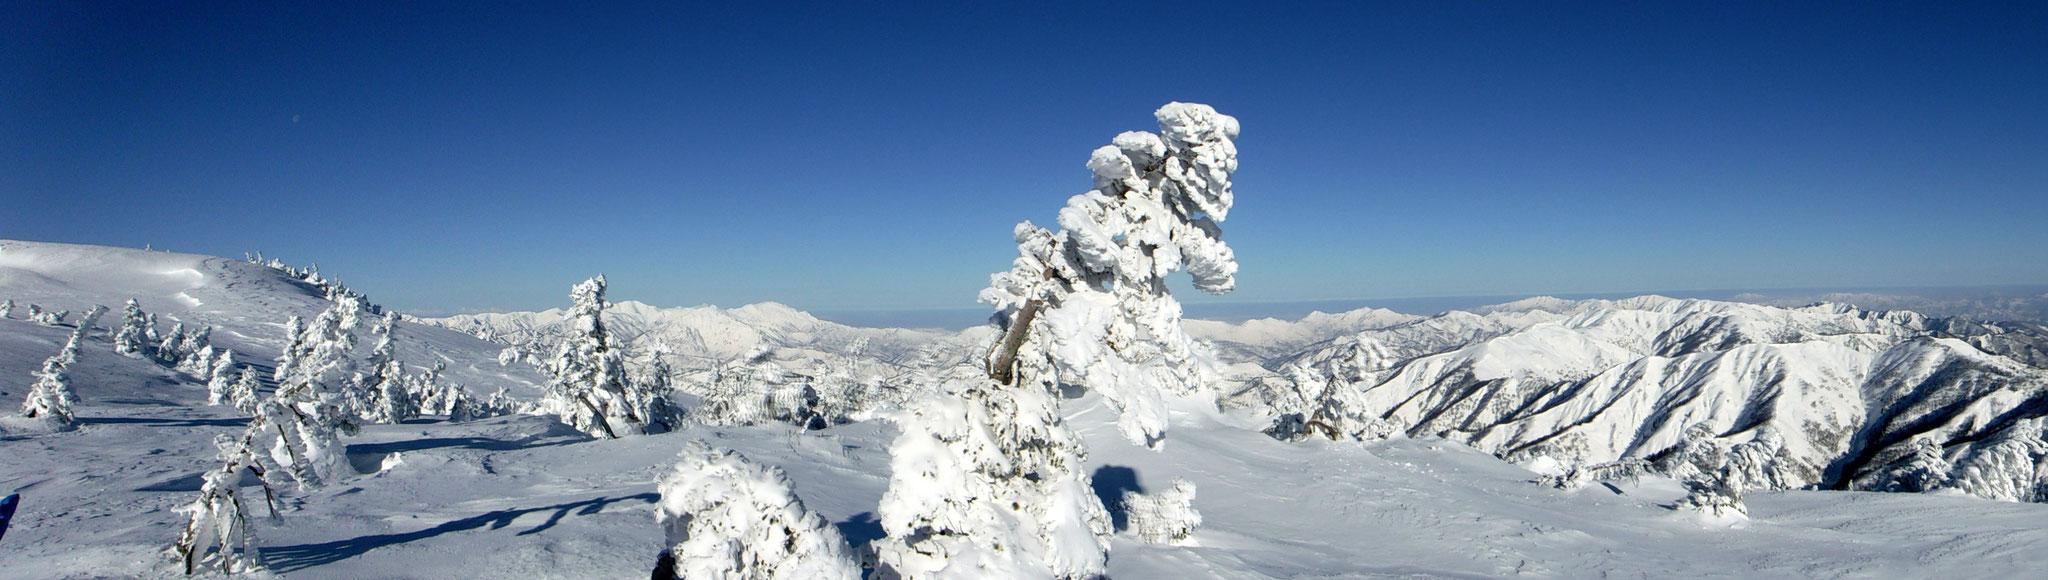 三岩岳山頂からのパノラマ